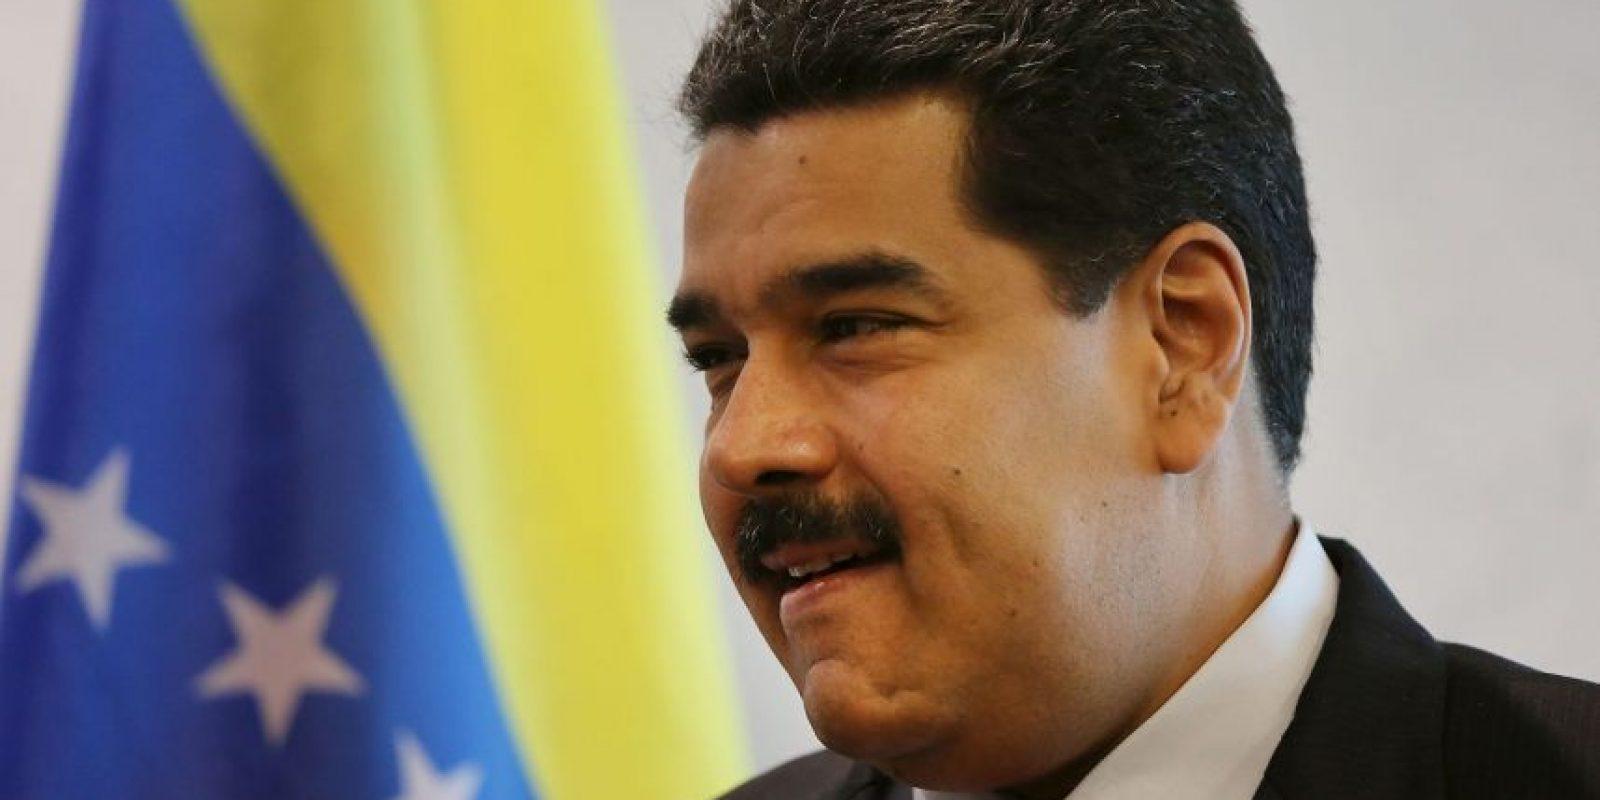 En caso de tener doble nacionalidad, Maduro no podría ser presidente de Venezuela. Foto:Getty Images